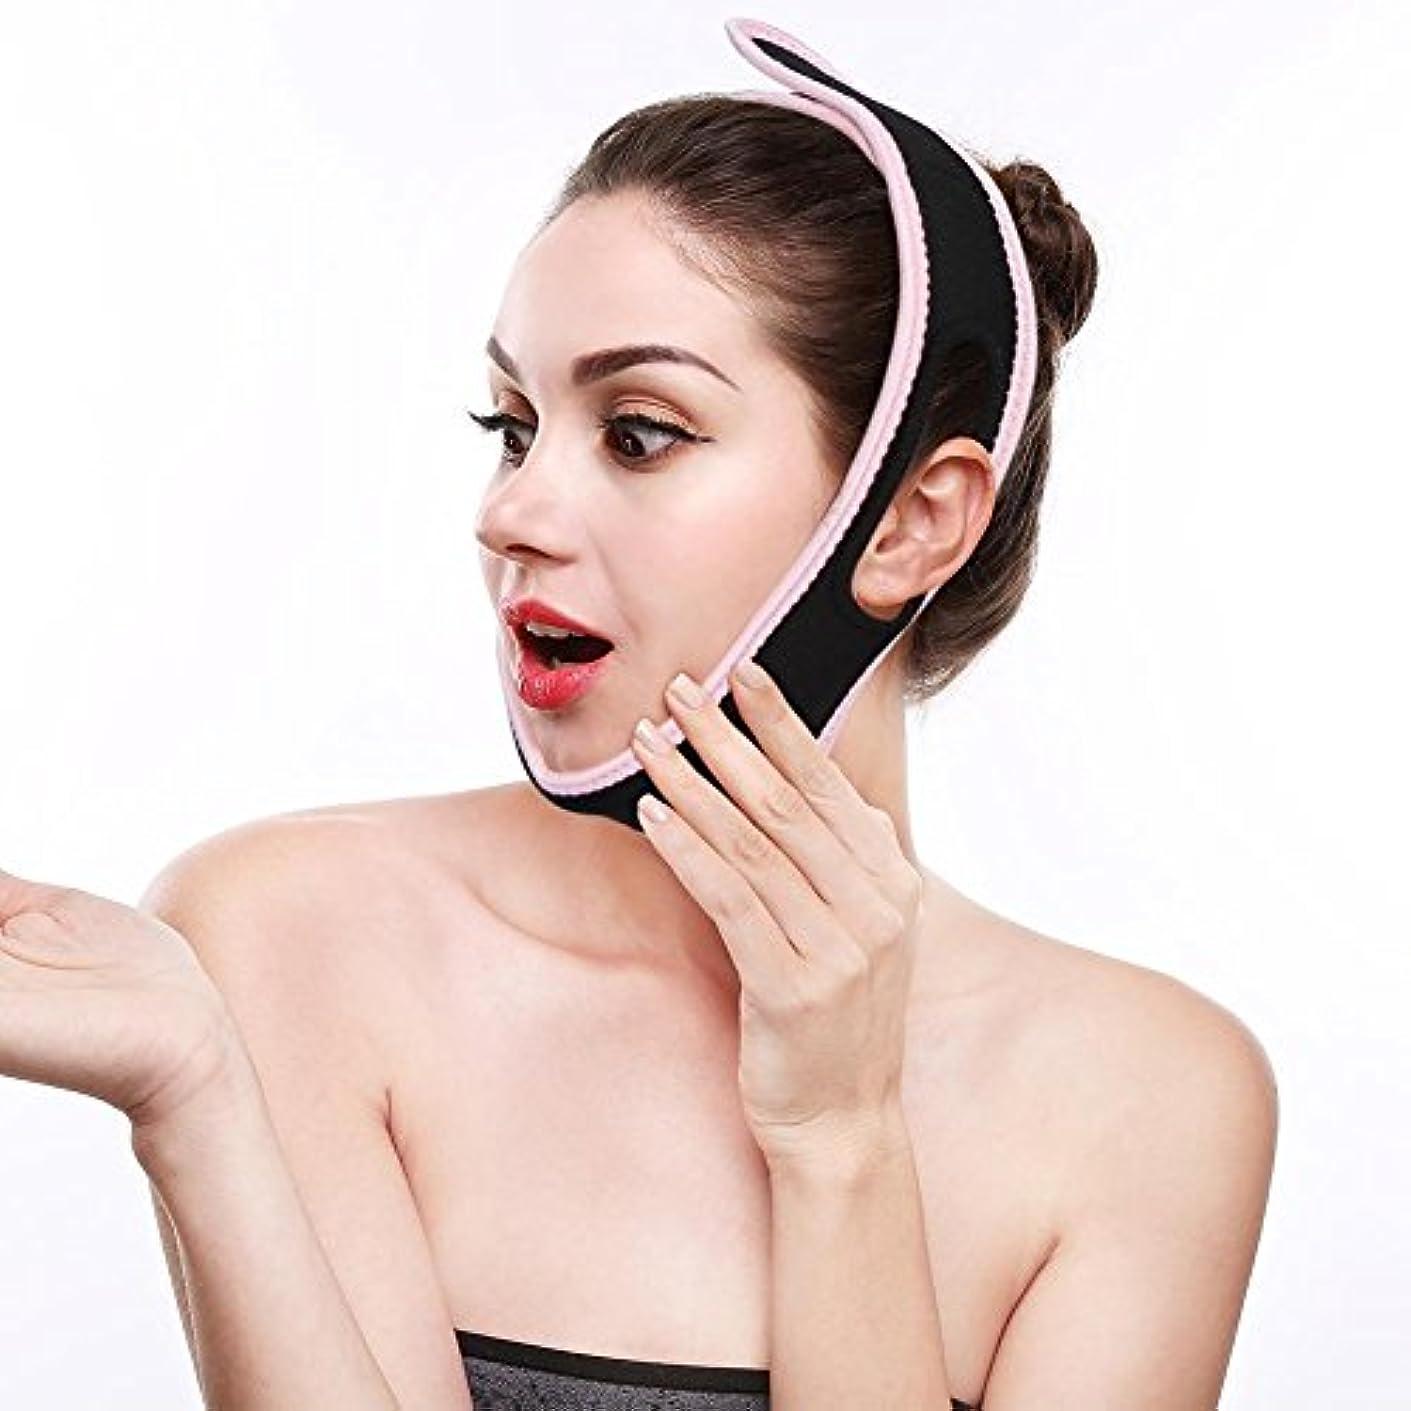 排気ビタミン敷居フェイススリミング包帯、顎リフト フェイススリミング包帯 Vフェイス バンデージ フェイスリフトマスク